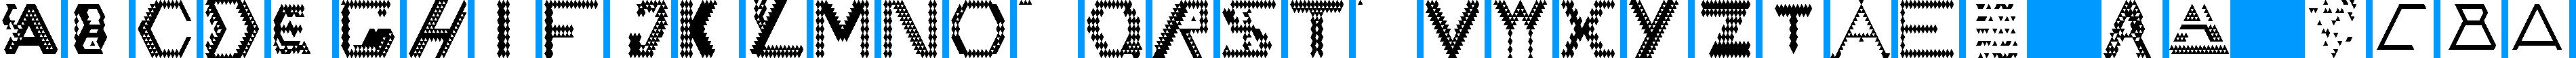 Particip-a-type v.201